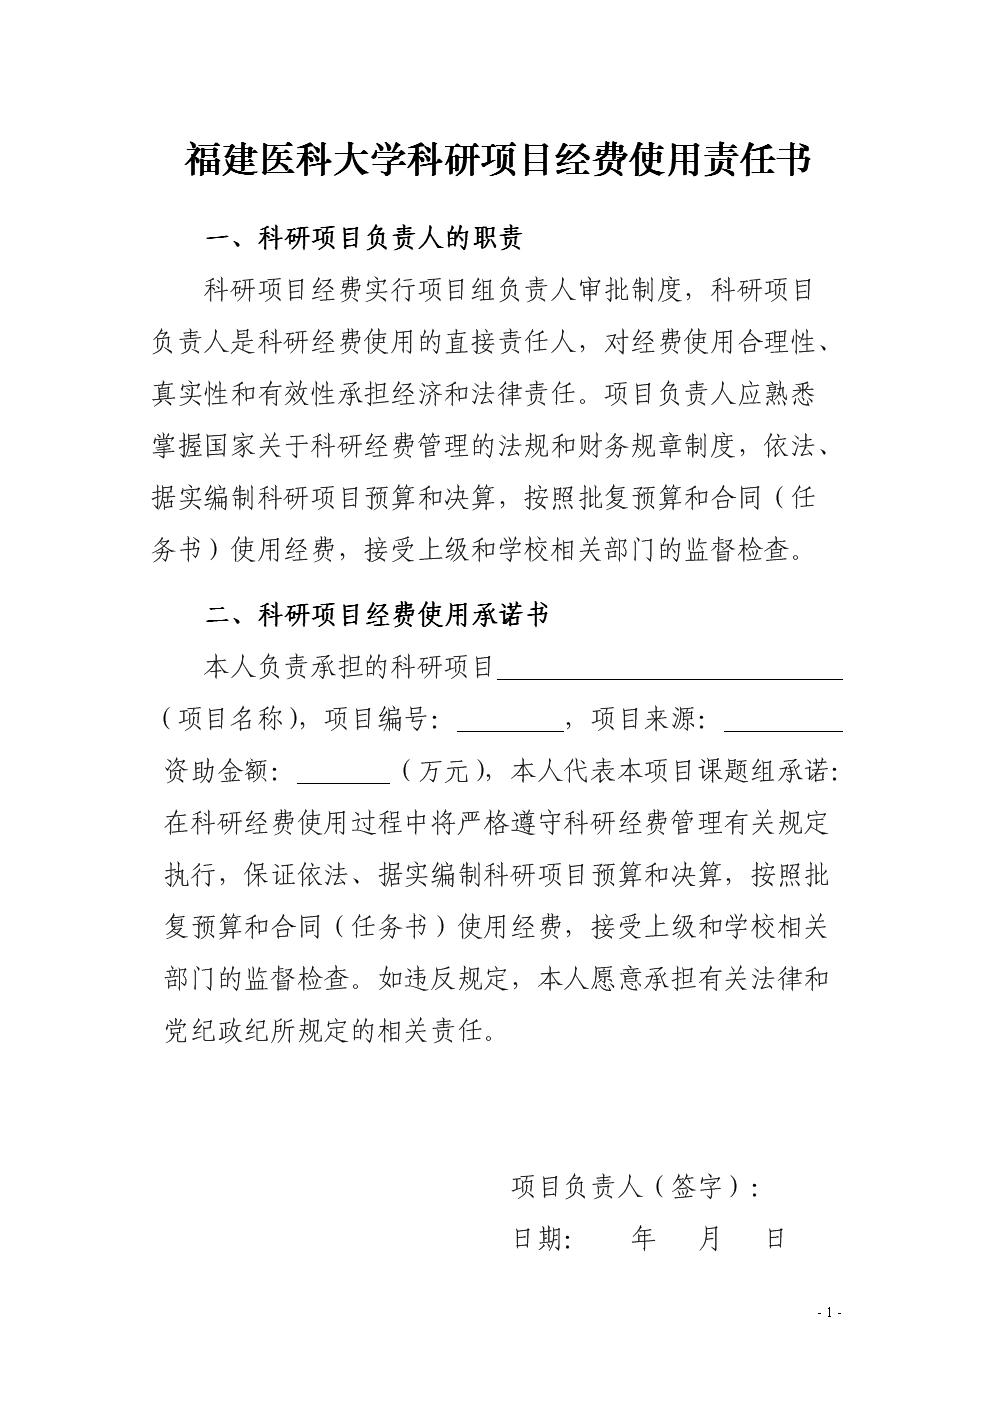 浙江教育學院基建和修繕工程結算審核實施細則.doc